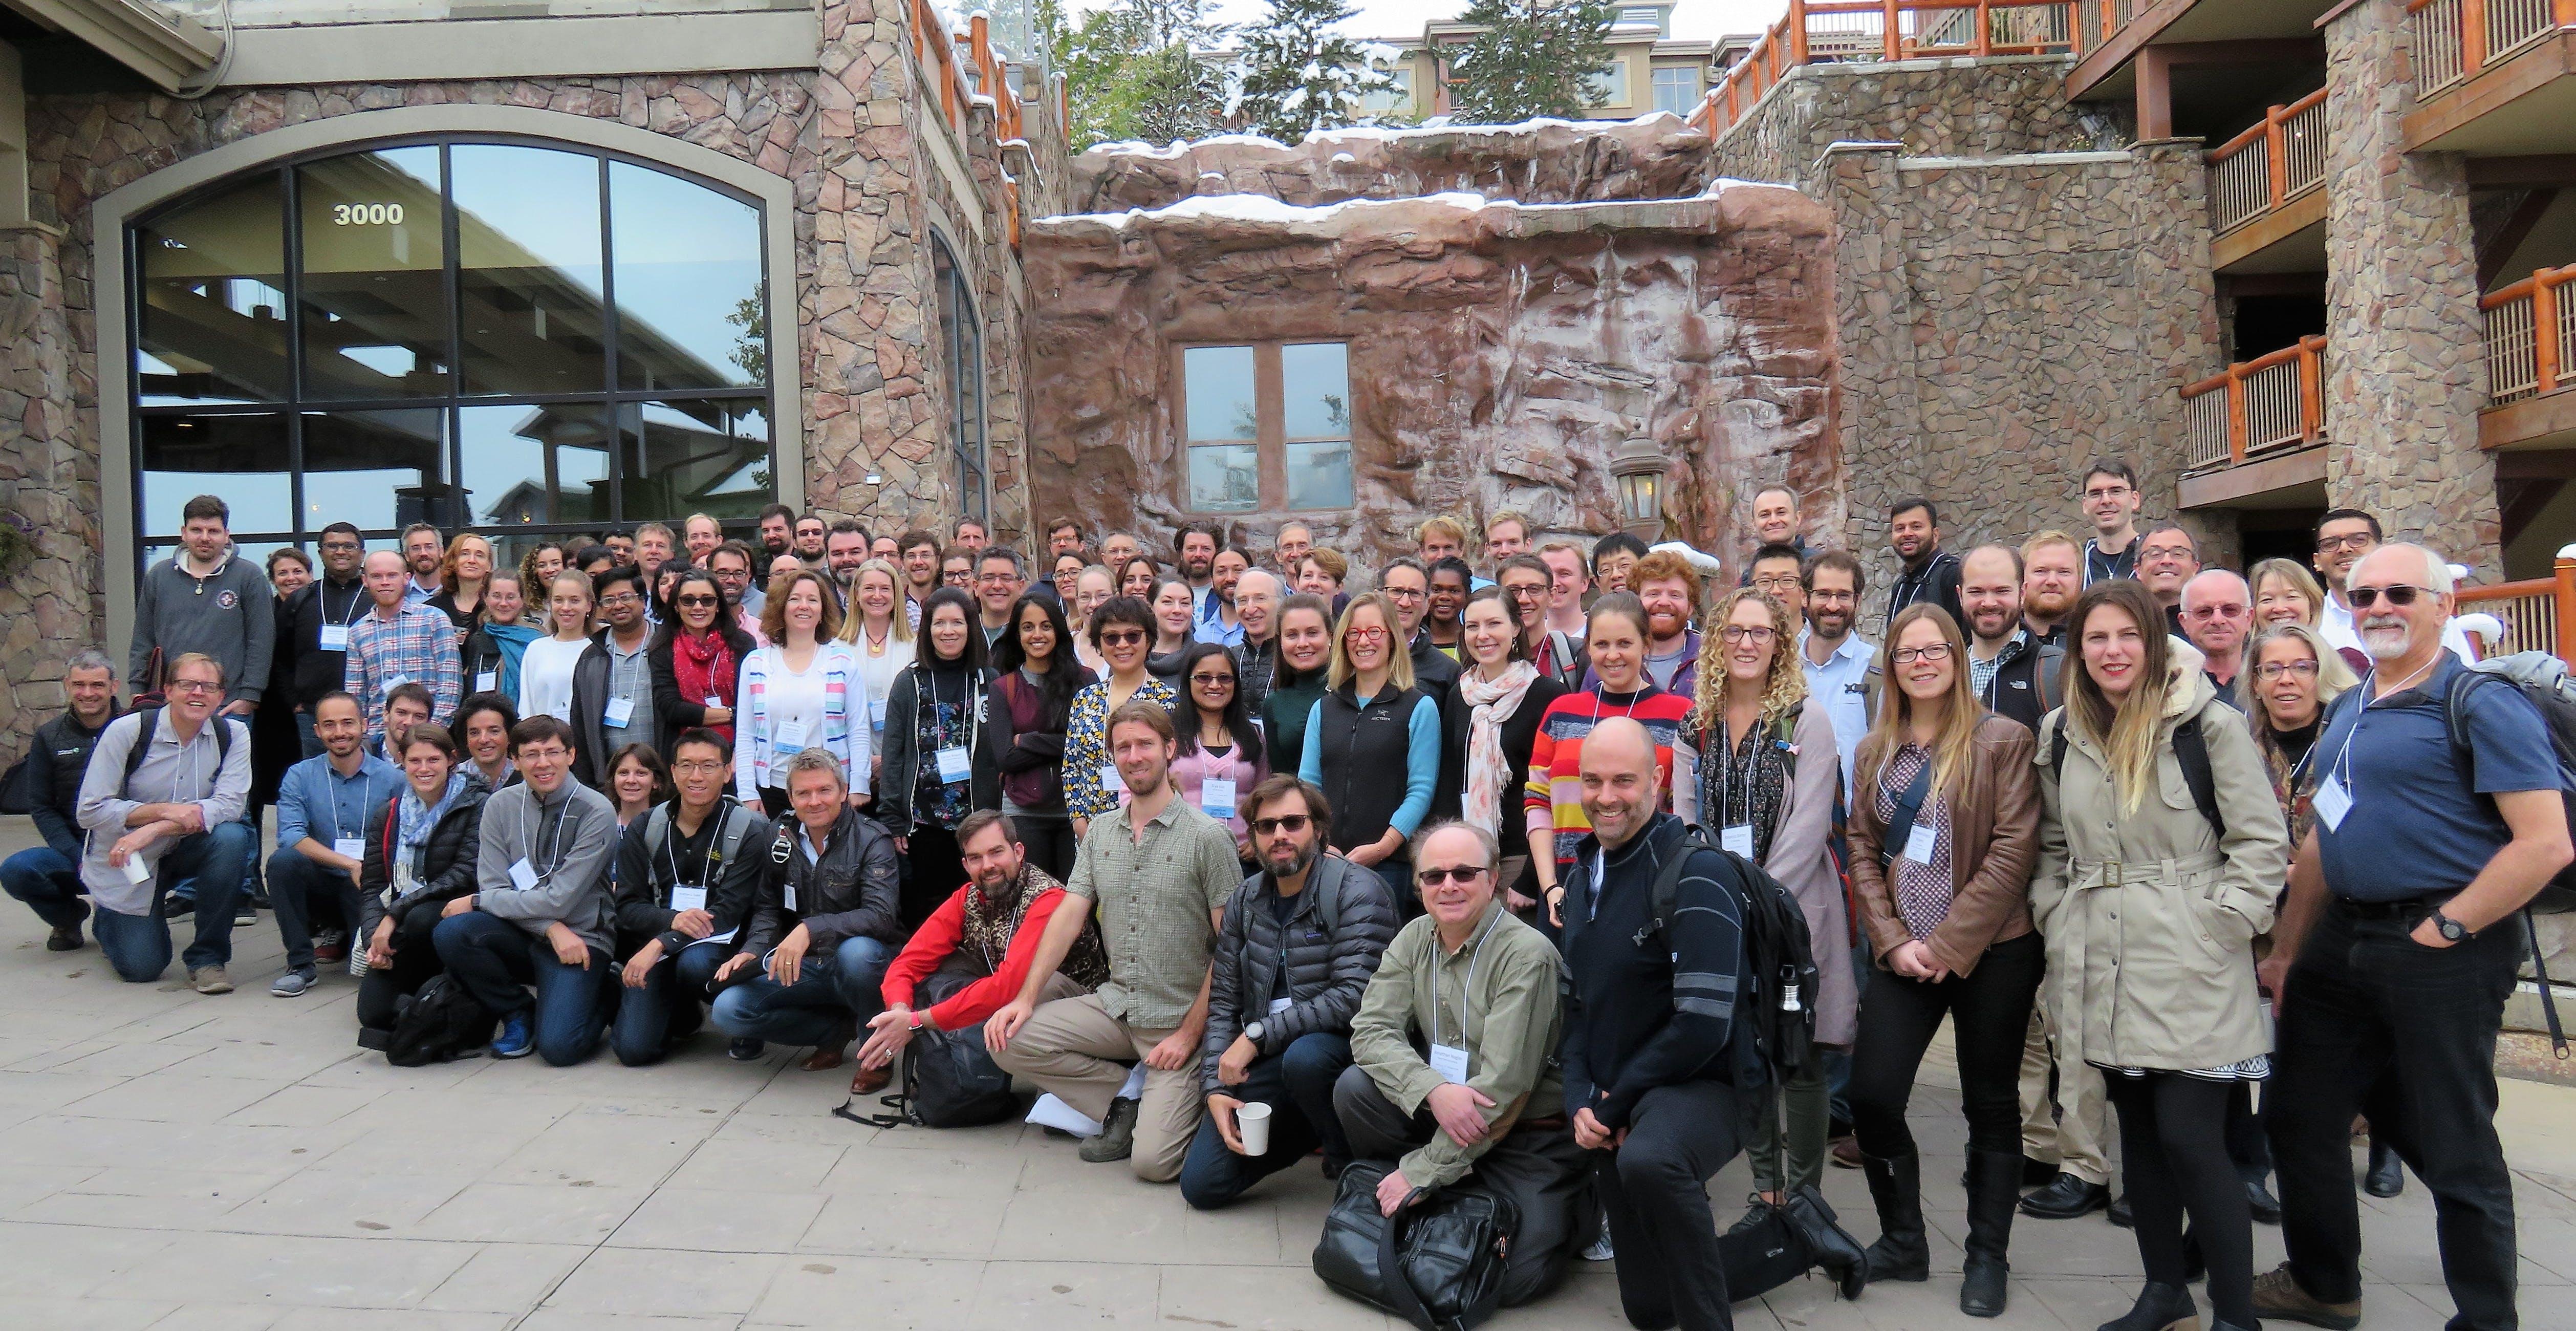 group photo outside a ski lodge